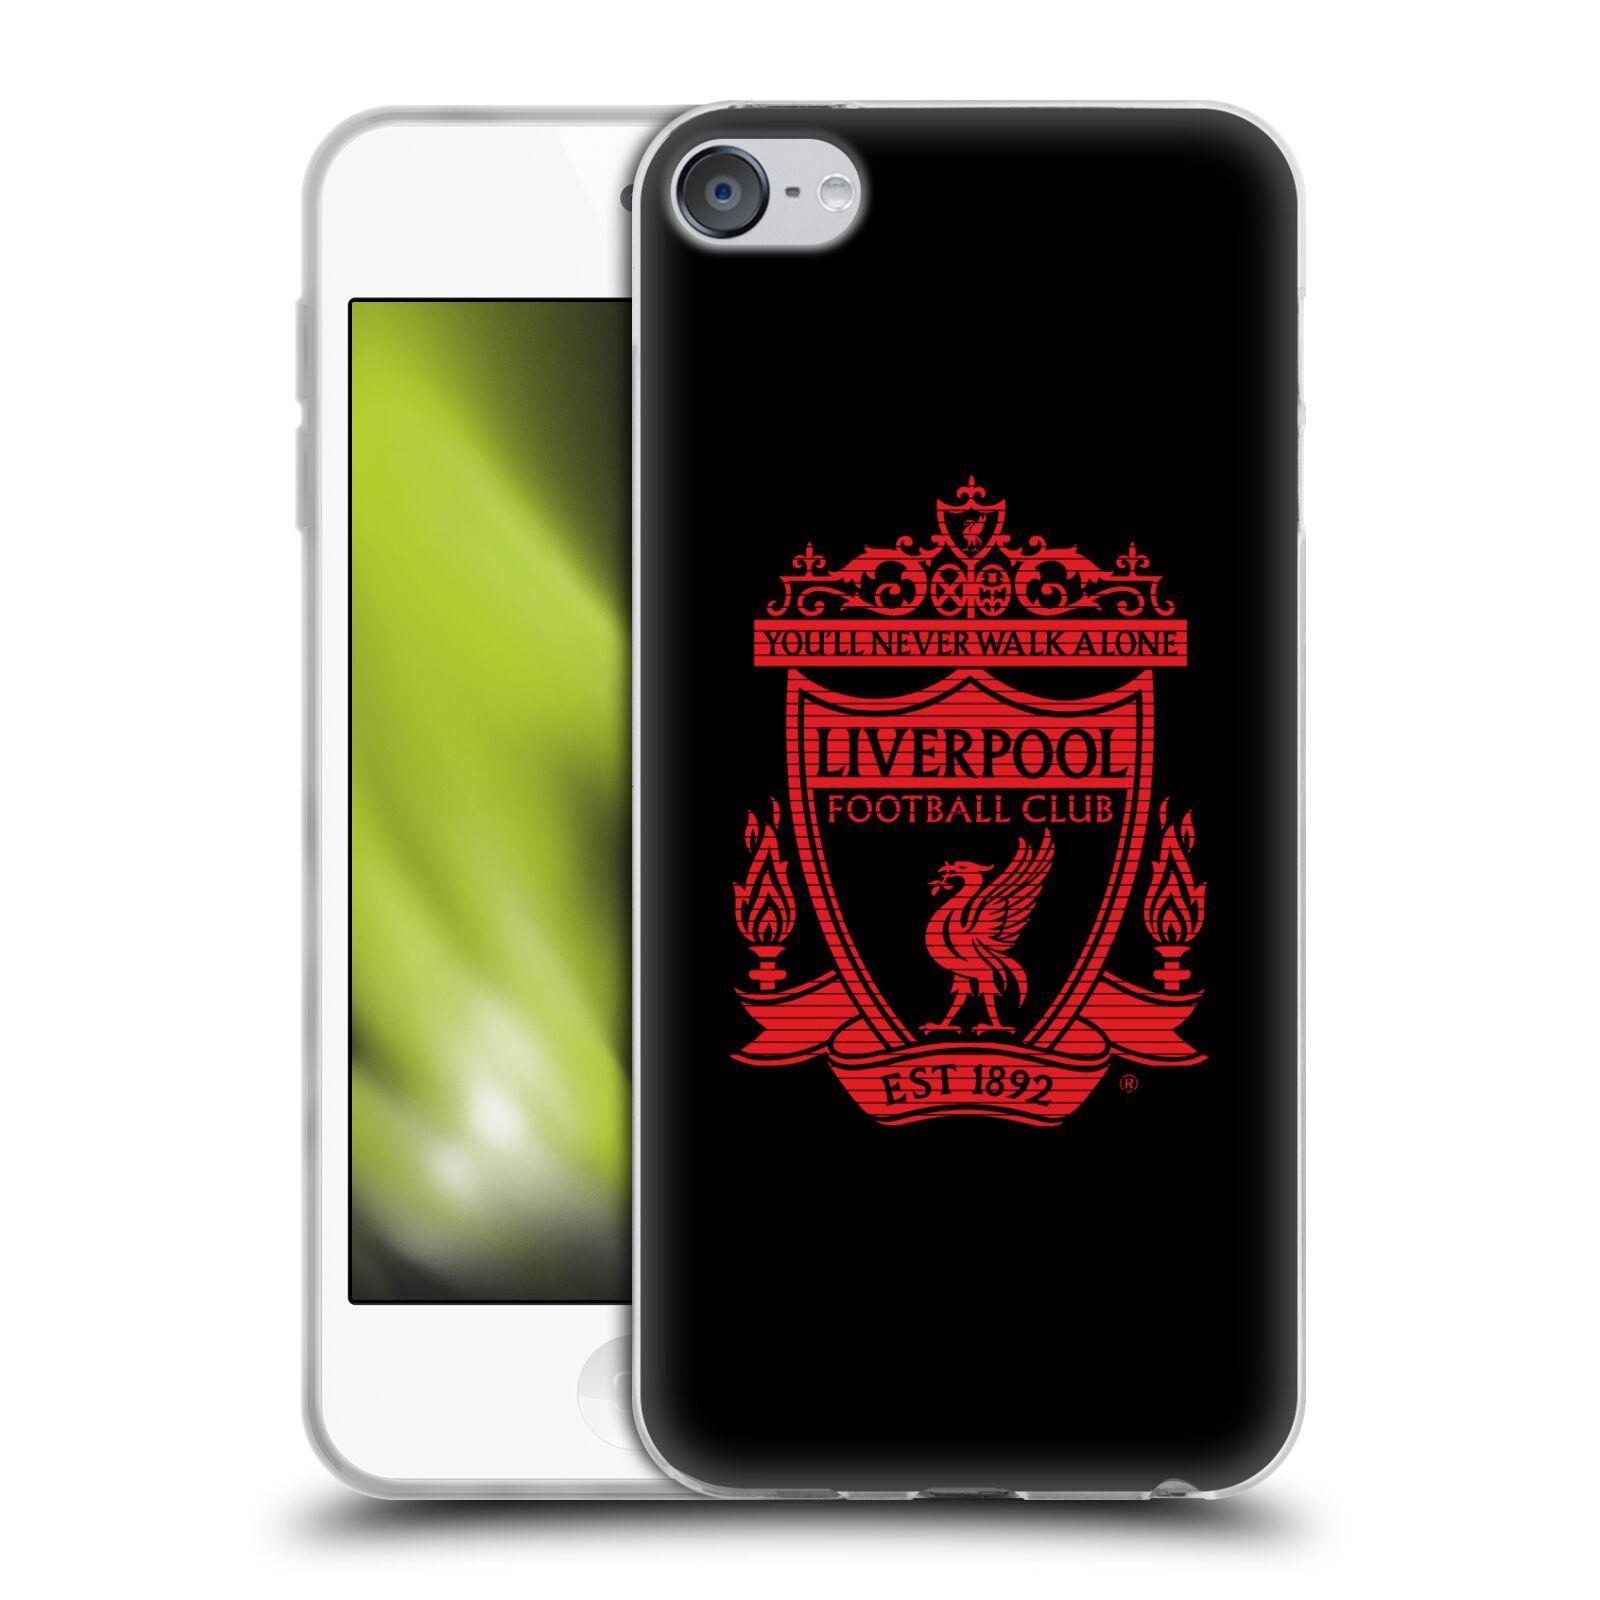 Touch 6th Gen 7th オフィシャル Liverpool Football クレスト2 今ダケ送料無料 ソフトジェルケース Club ラッピング無料 Apple MP3 iPod